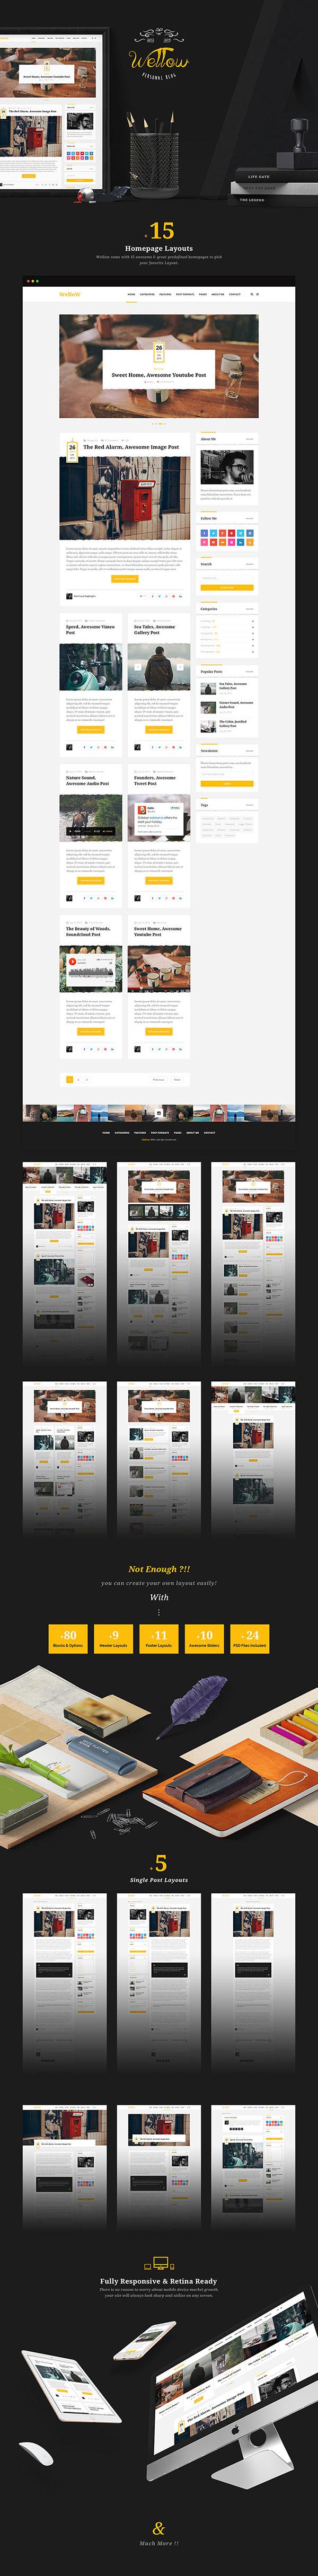 博客网站设计模板